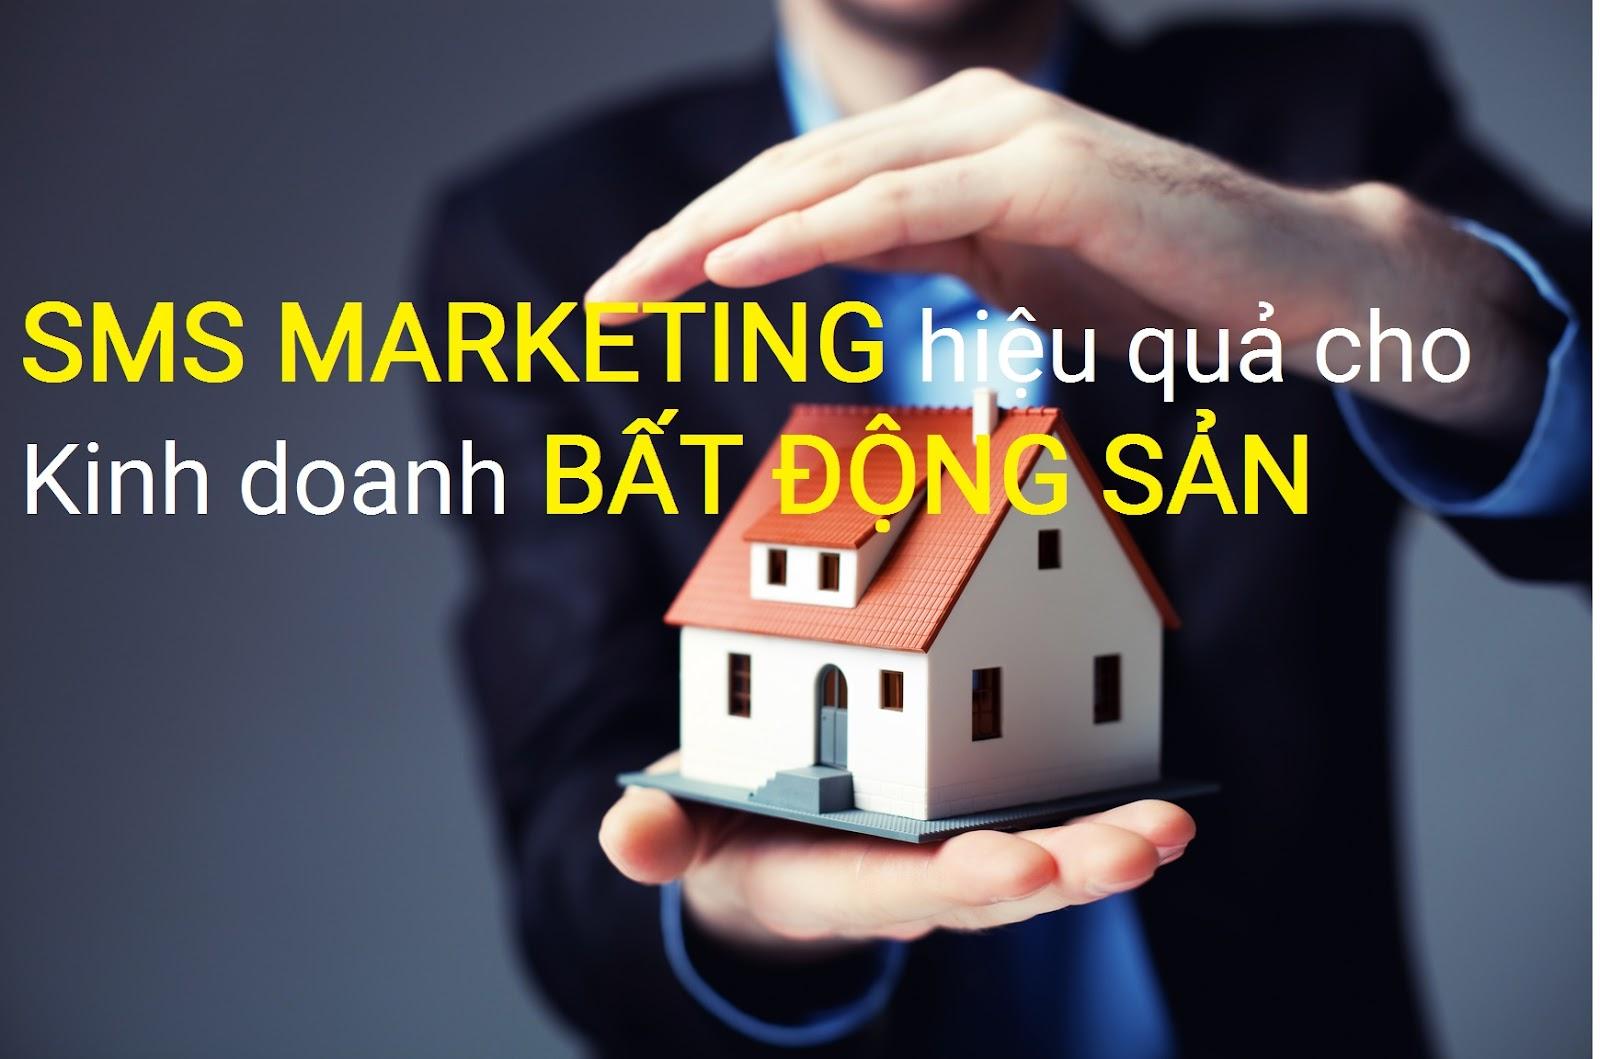 sms quảng cáo bất động sản là chiến lược marketing hiệu quả